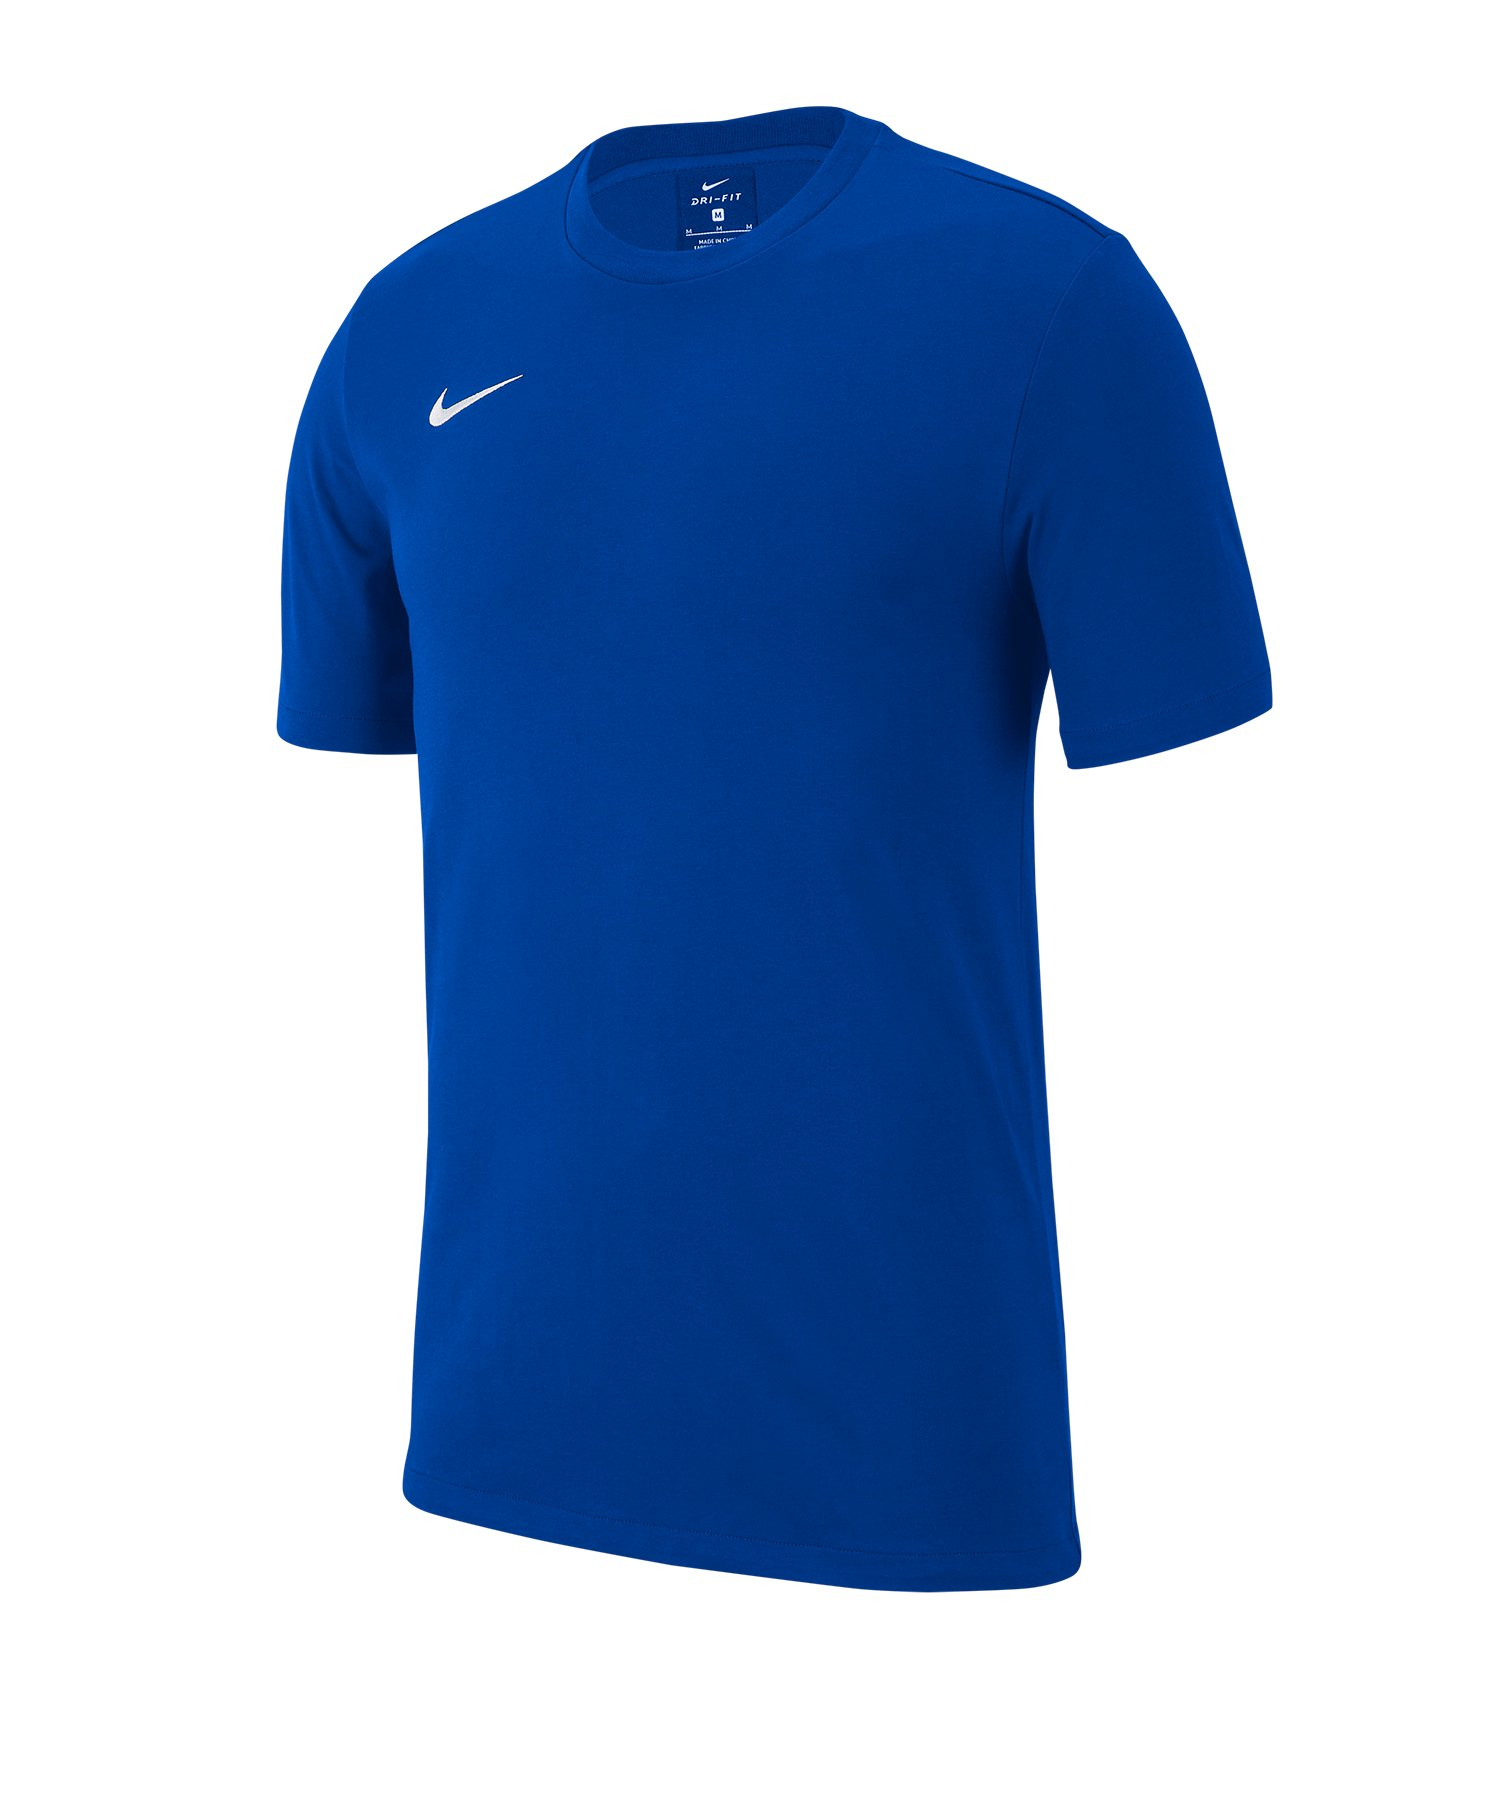 Nike Club 19 Tee T-Shirt Blau F463 - blau